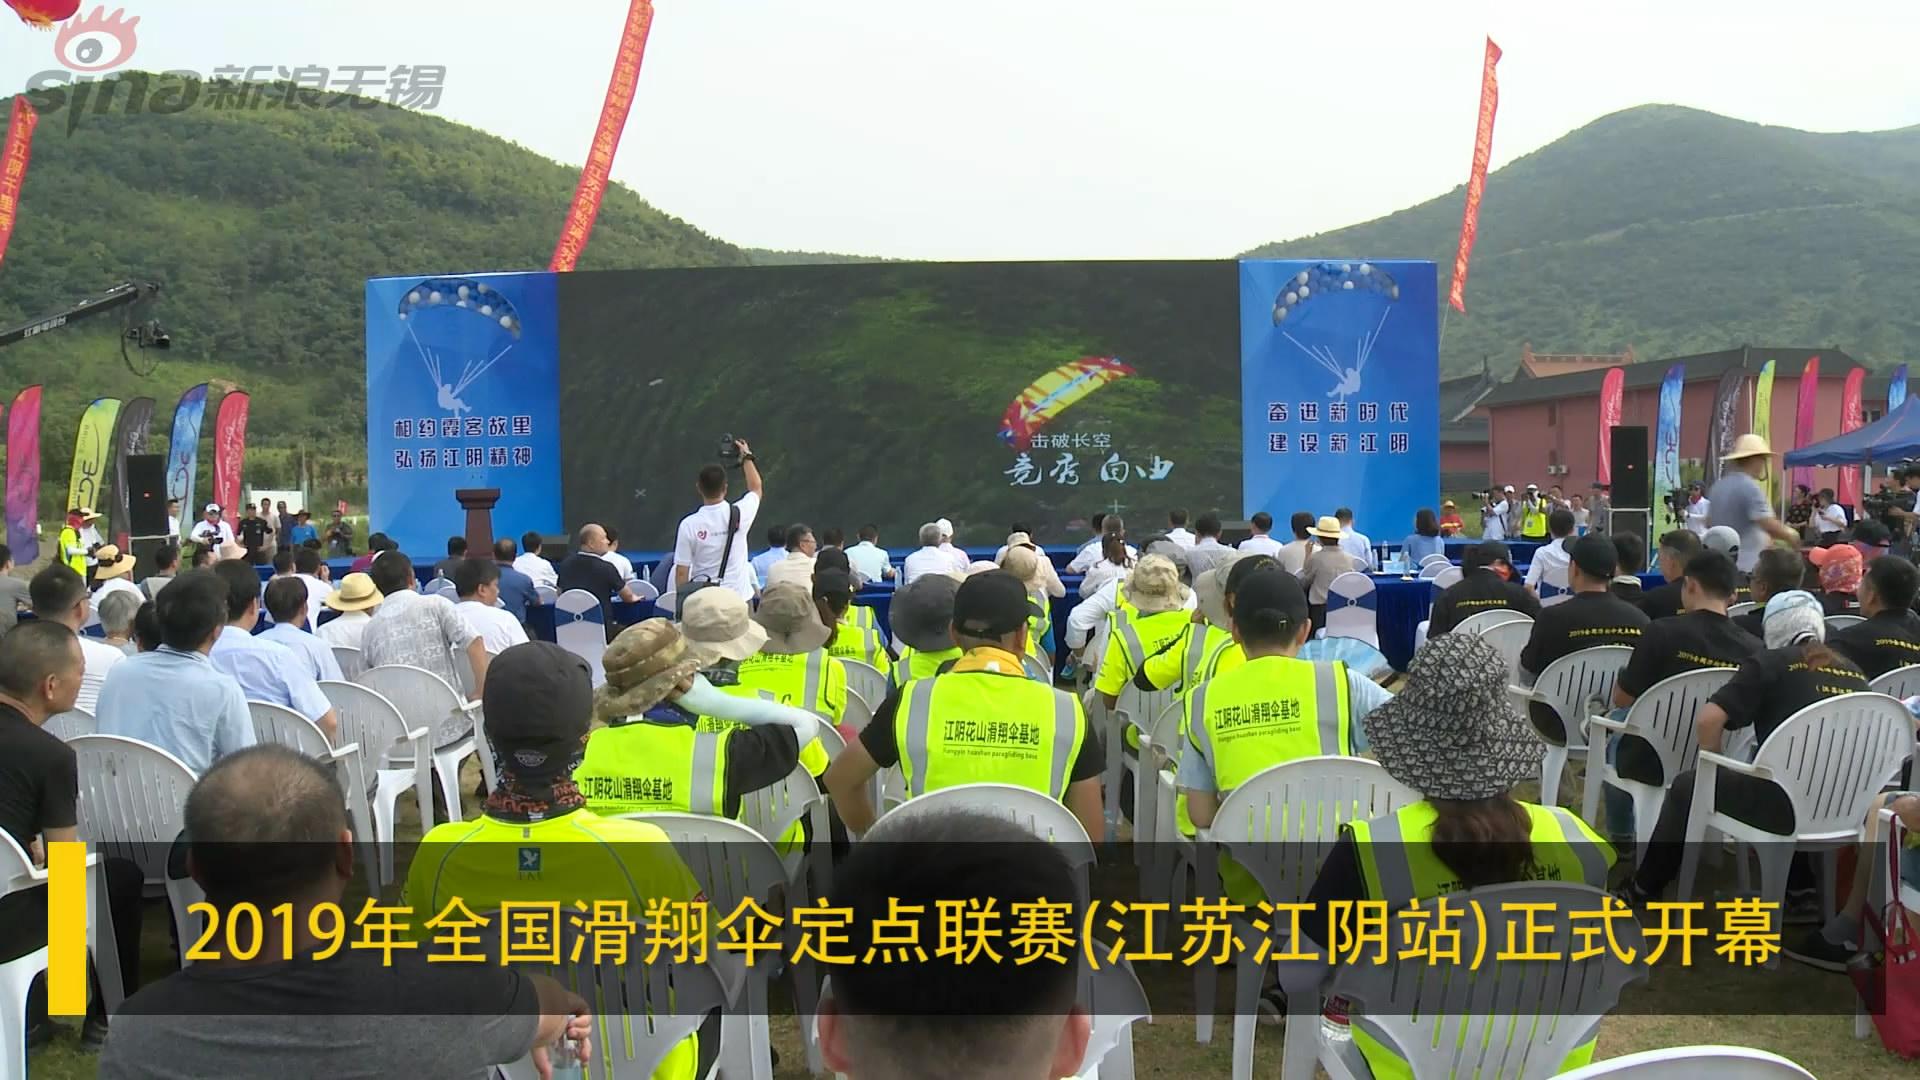 2019全国滑翔伞定点联赛(江苏江阴站)鸣锣开赛